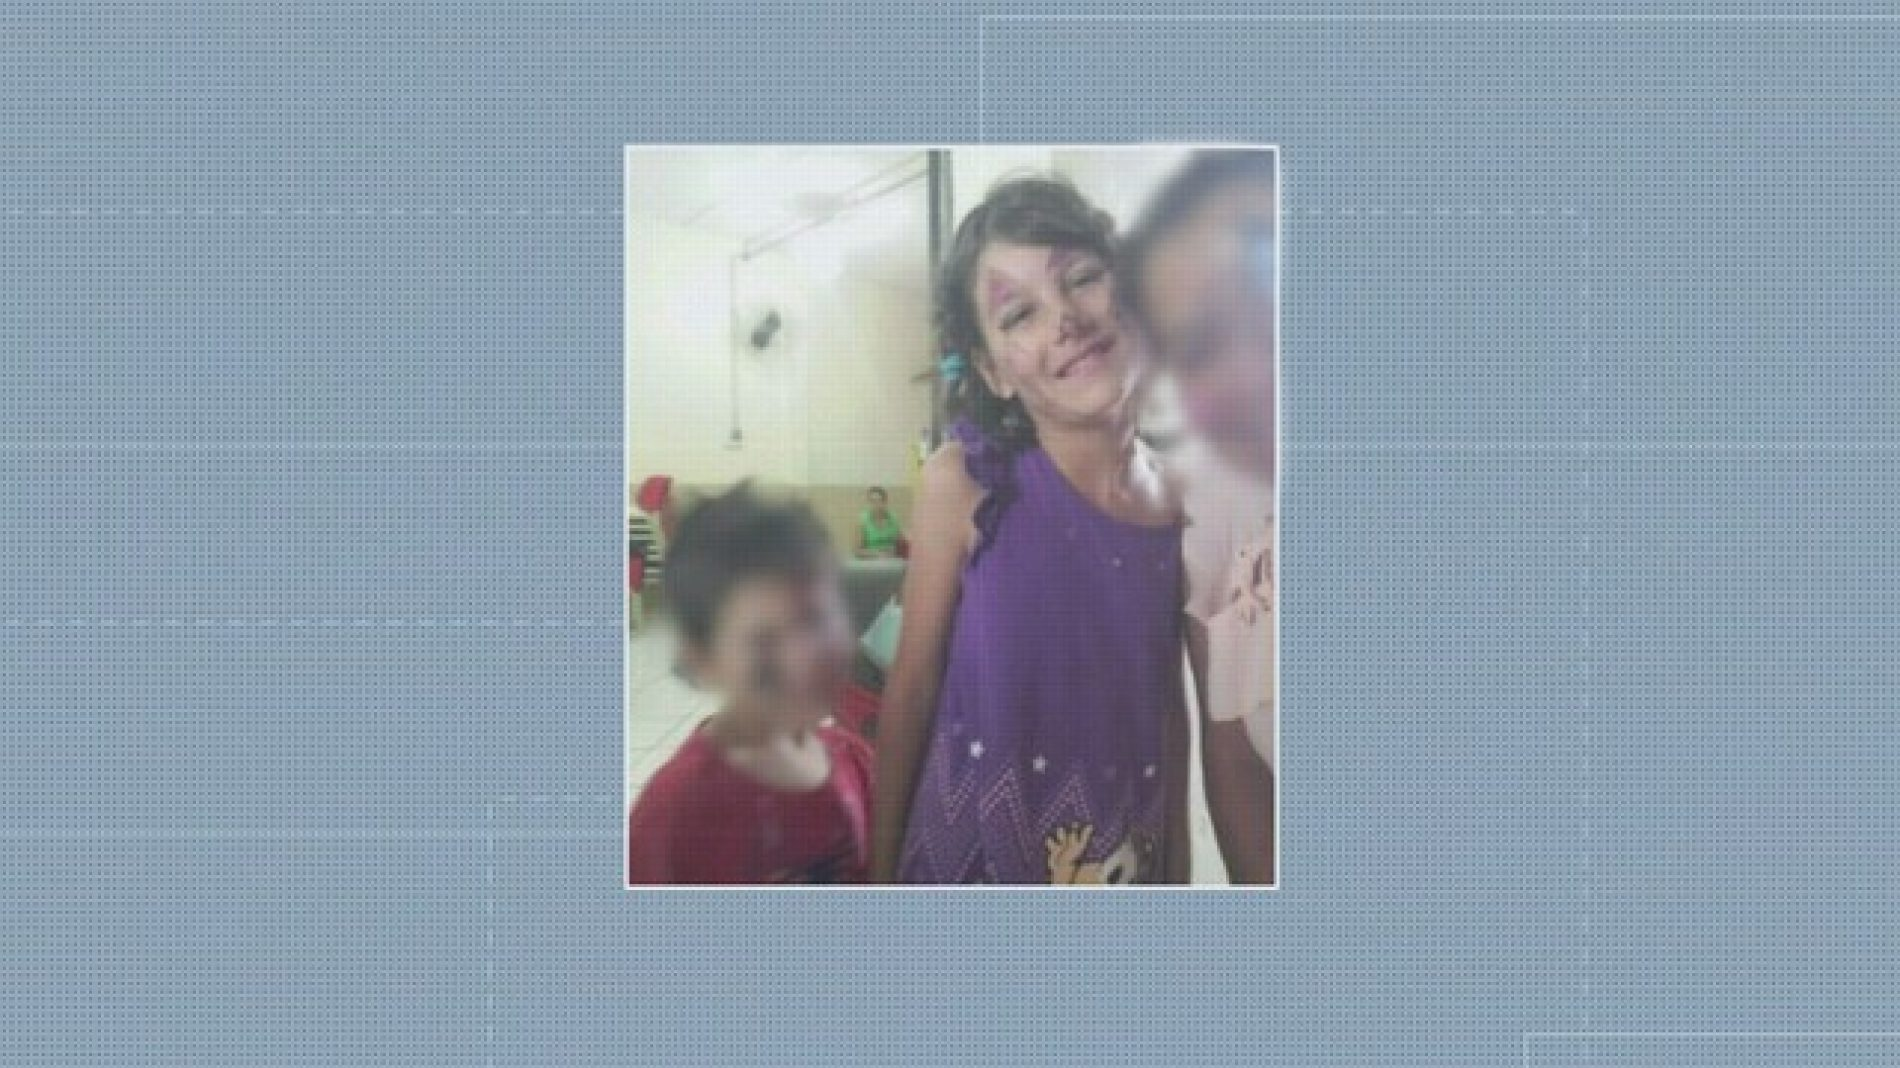 SP: Menina de 9 anos é encontrada morta em árvore de parque após desaparecer em festa de escola